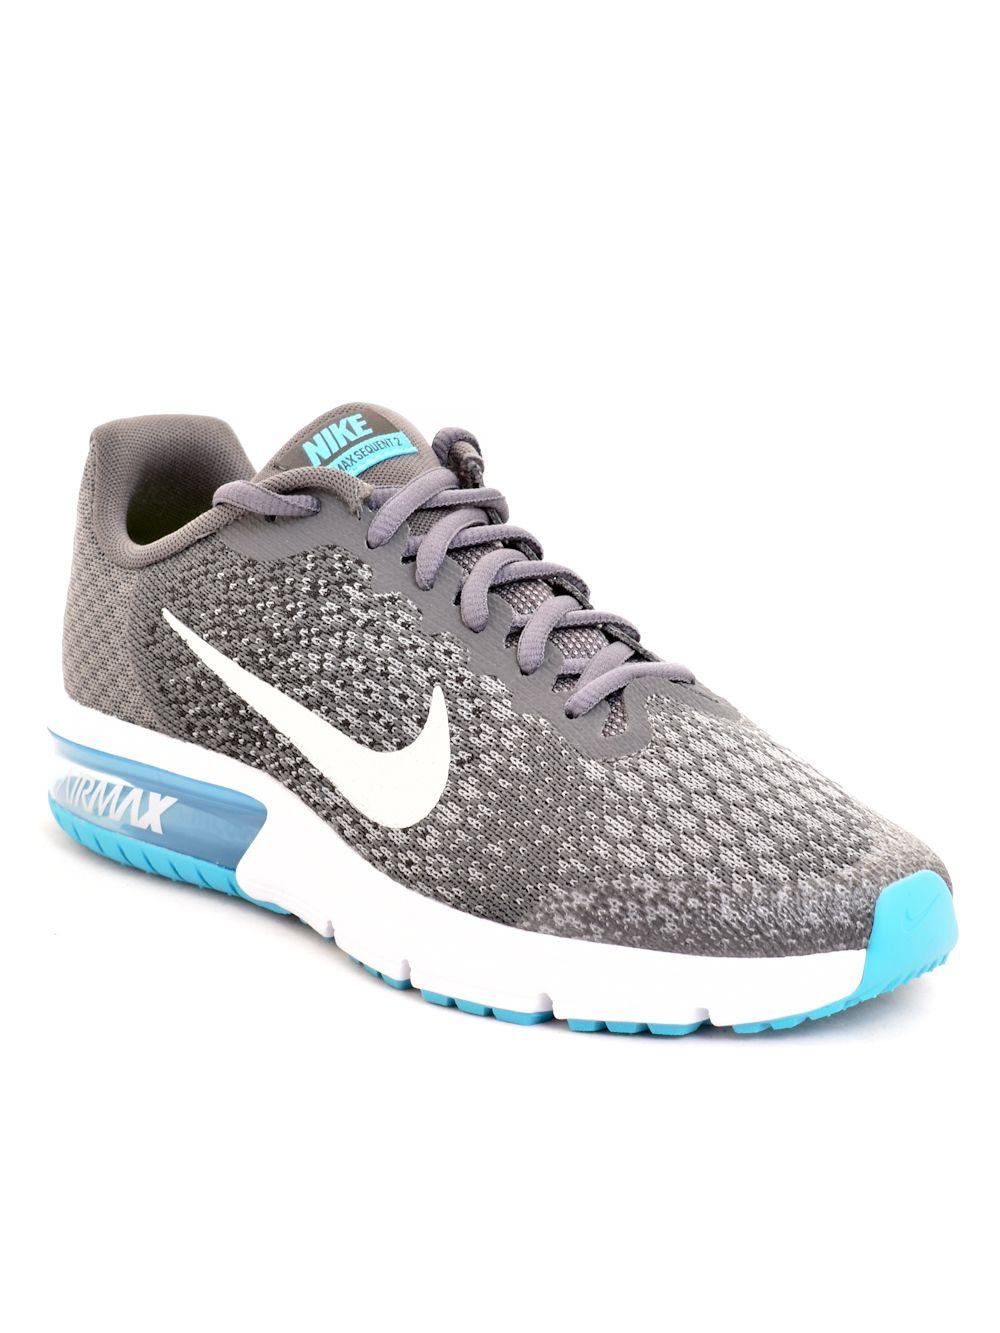 NIKE AIR MAX SEQUENT 2 férfi cipő ... a0f4ad9996